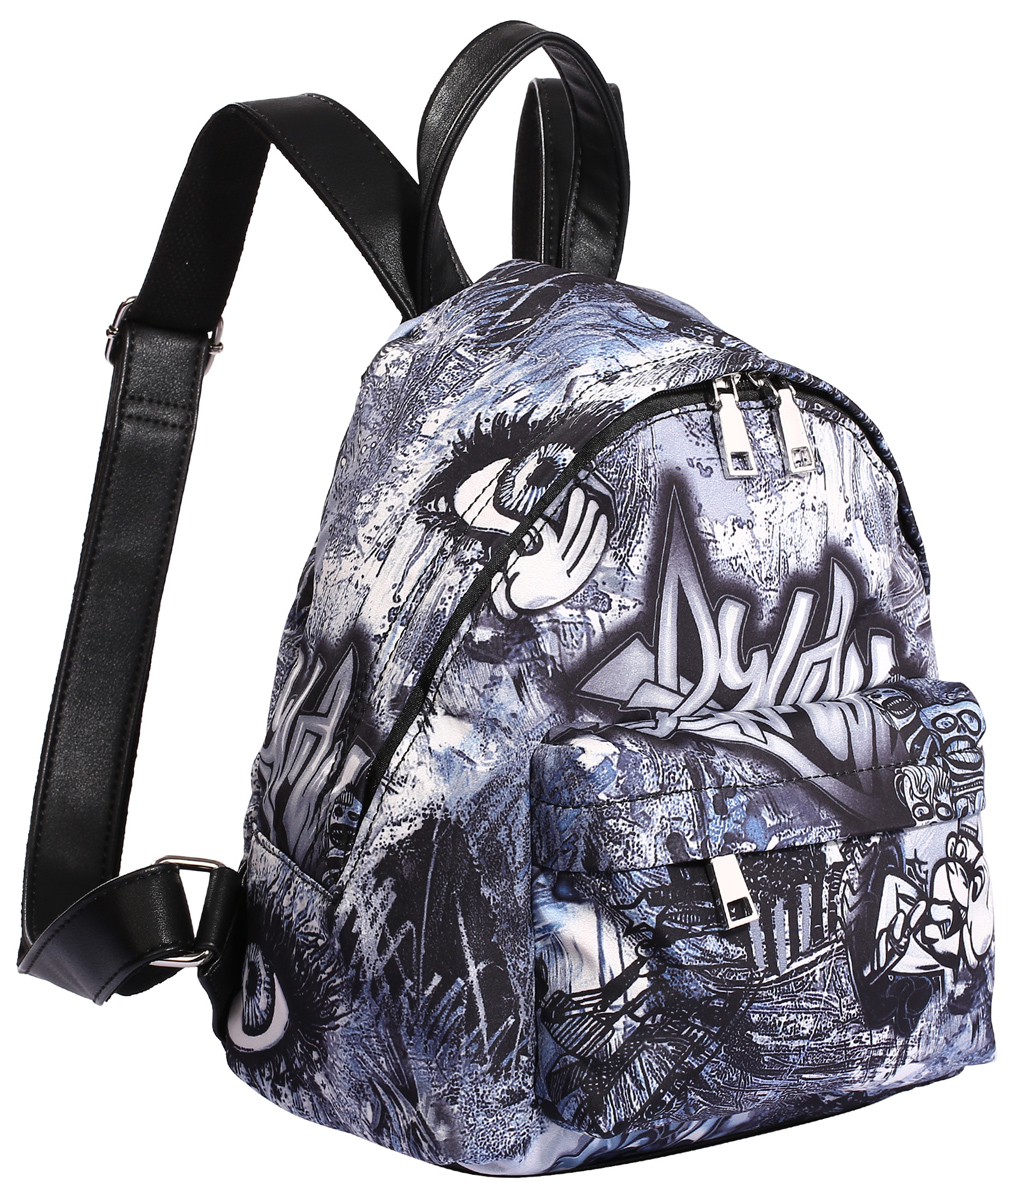 Рюкзак городской женский Pola, цвет: черный, синий, серый, 10 л. 4349